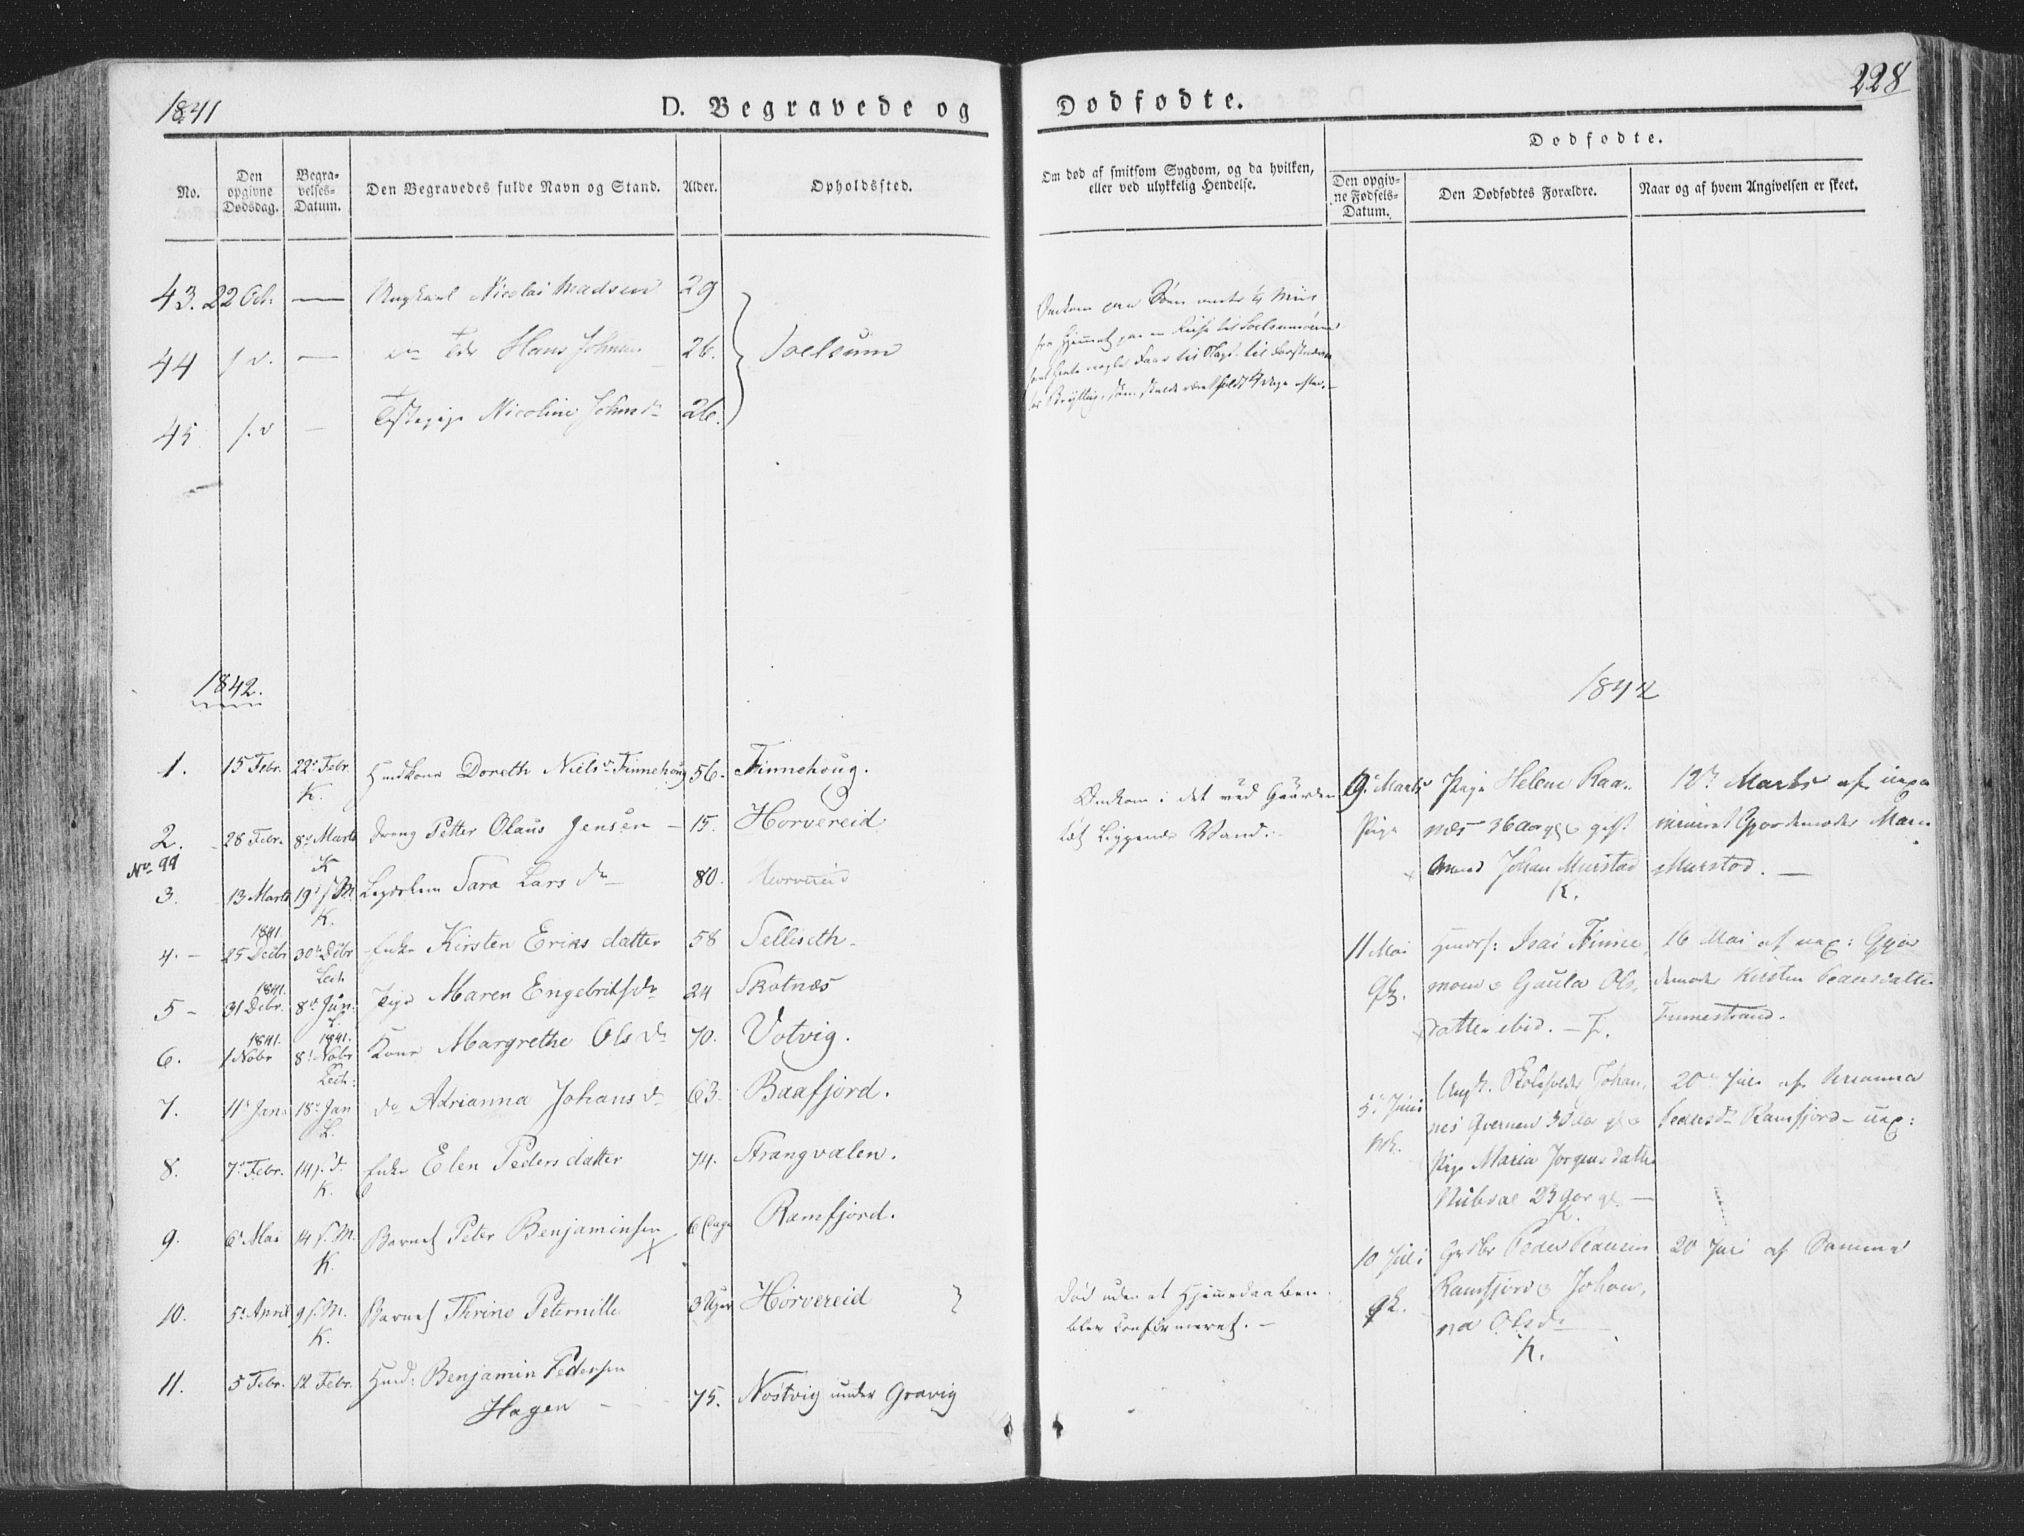 SAT, Ministerialprotokoller, klokkerbøker og fødselsregistre - Nord-Trøndelag, 780/L0639: Ministerialbok nr. 780A04, 1830-1844, s. 228